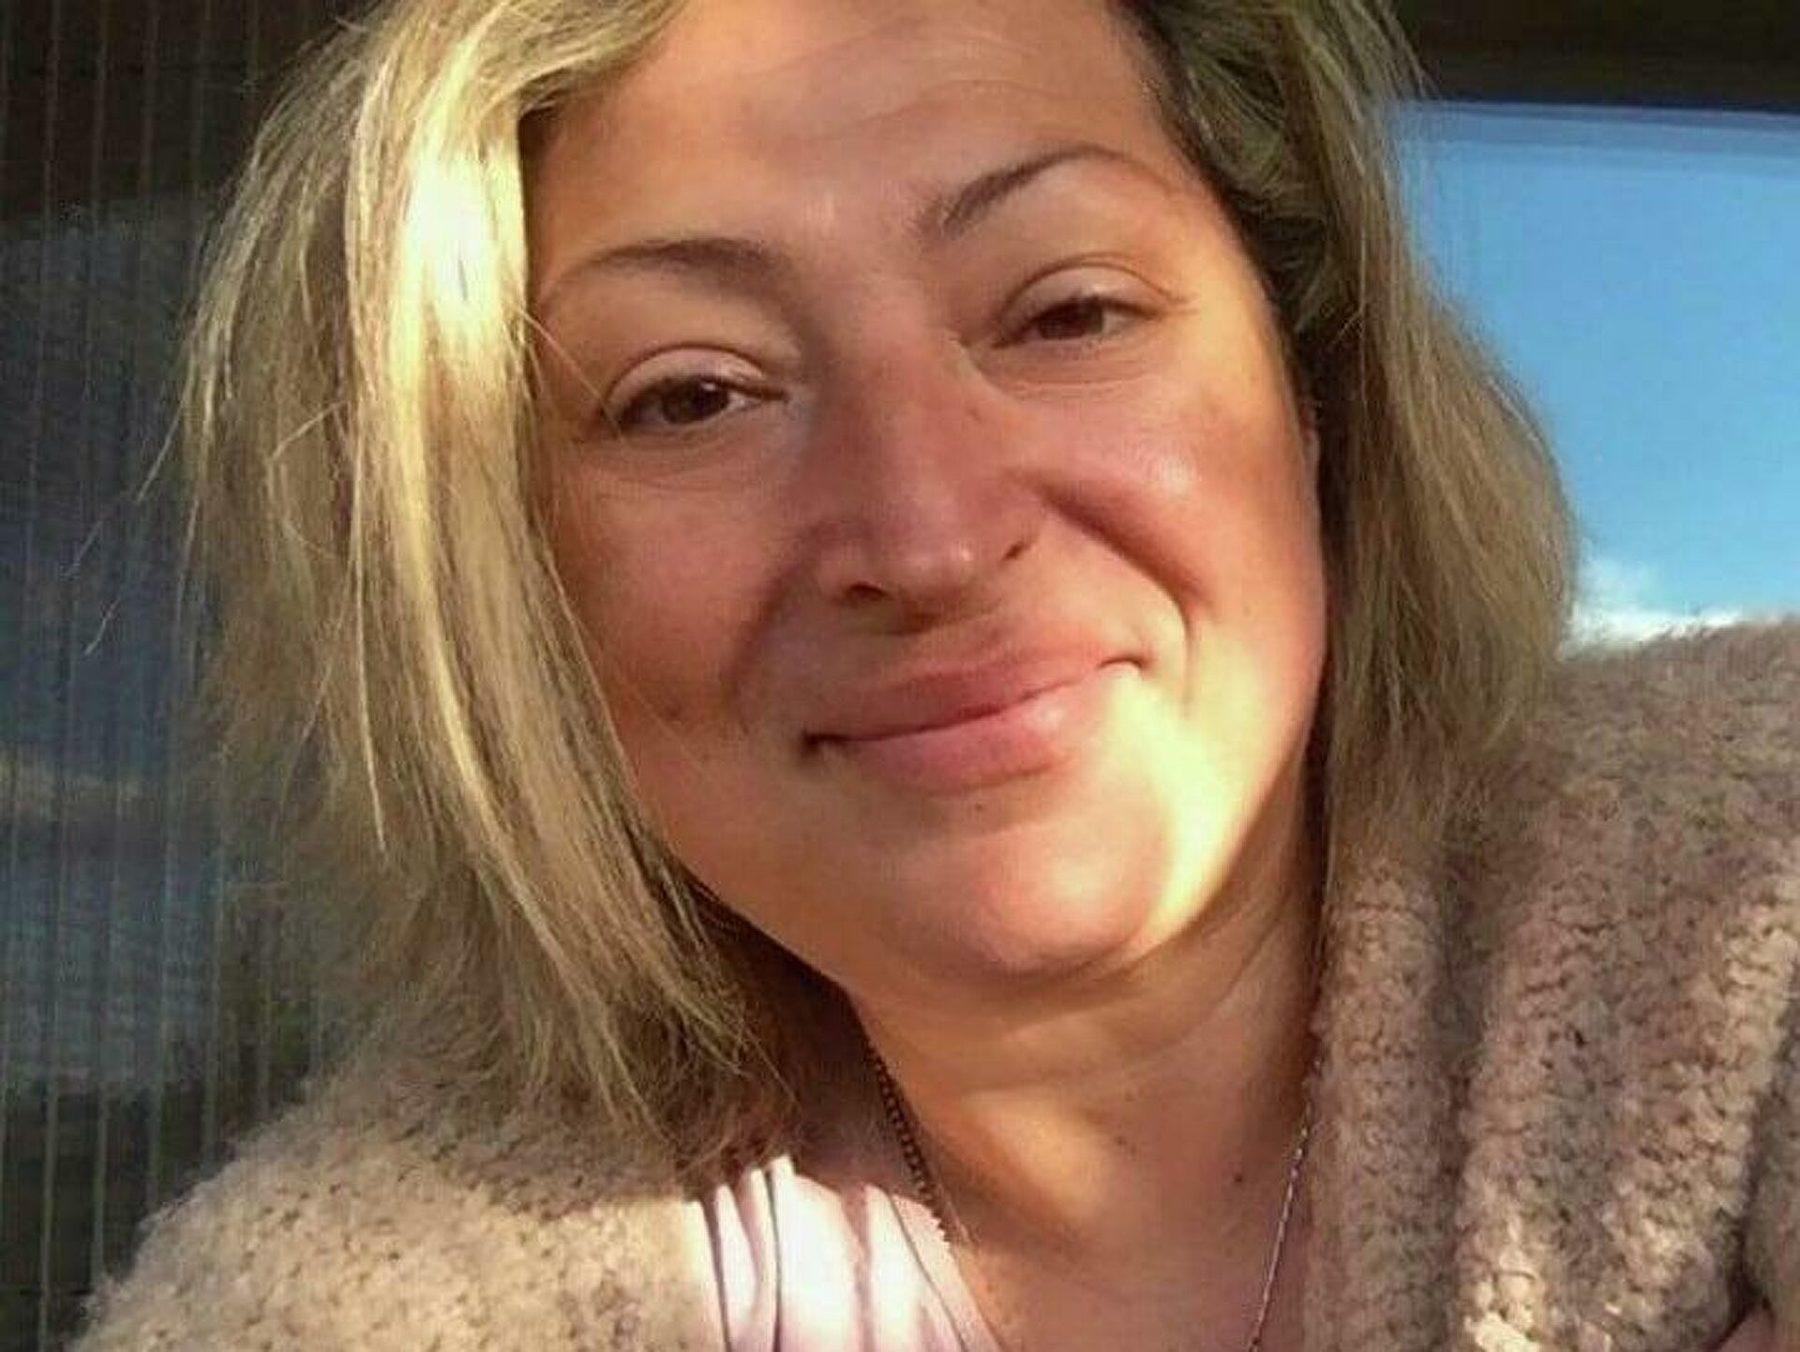 Μαρία Τσάκου: Θλίψη στο χώρο της ναυτιλίας από τον θάνατό της σε ηλικία μόλις 49 ετών